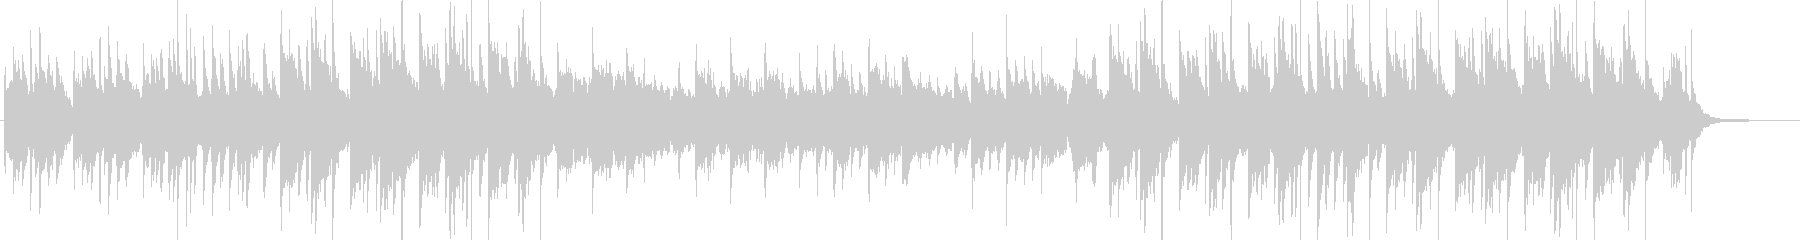 琴と篠笛でスタイリッシュに編曲したBGMの未再生の波形